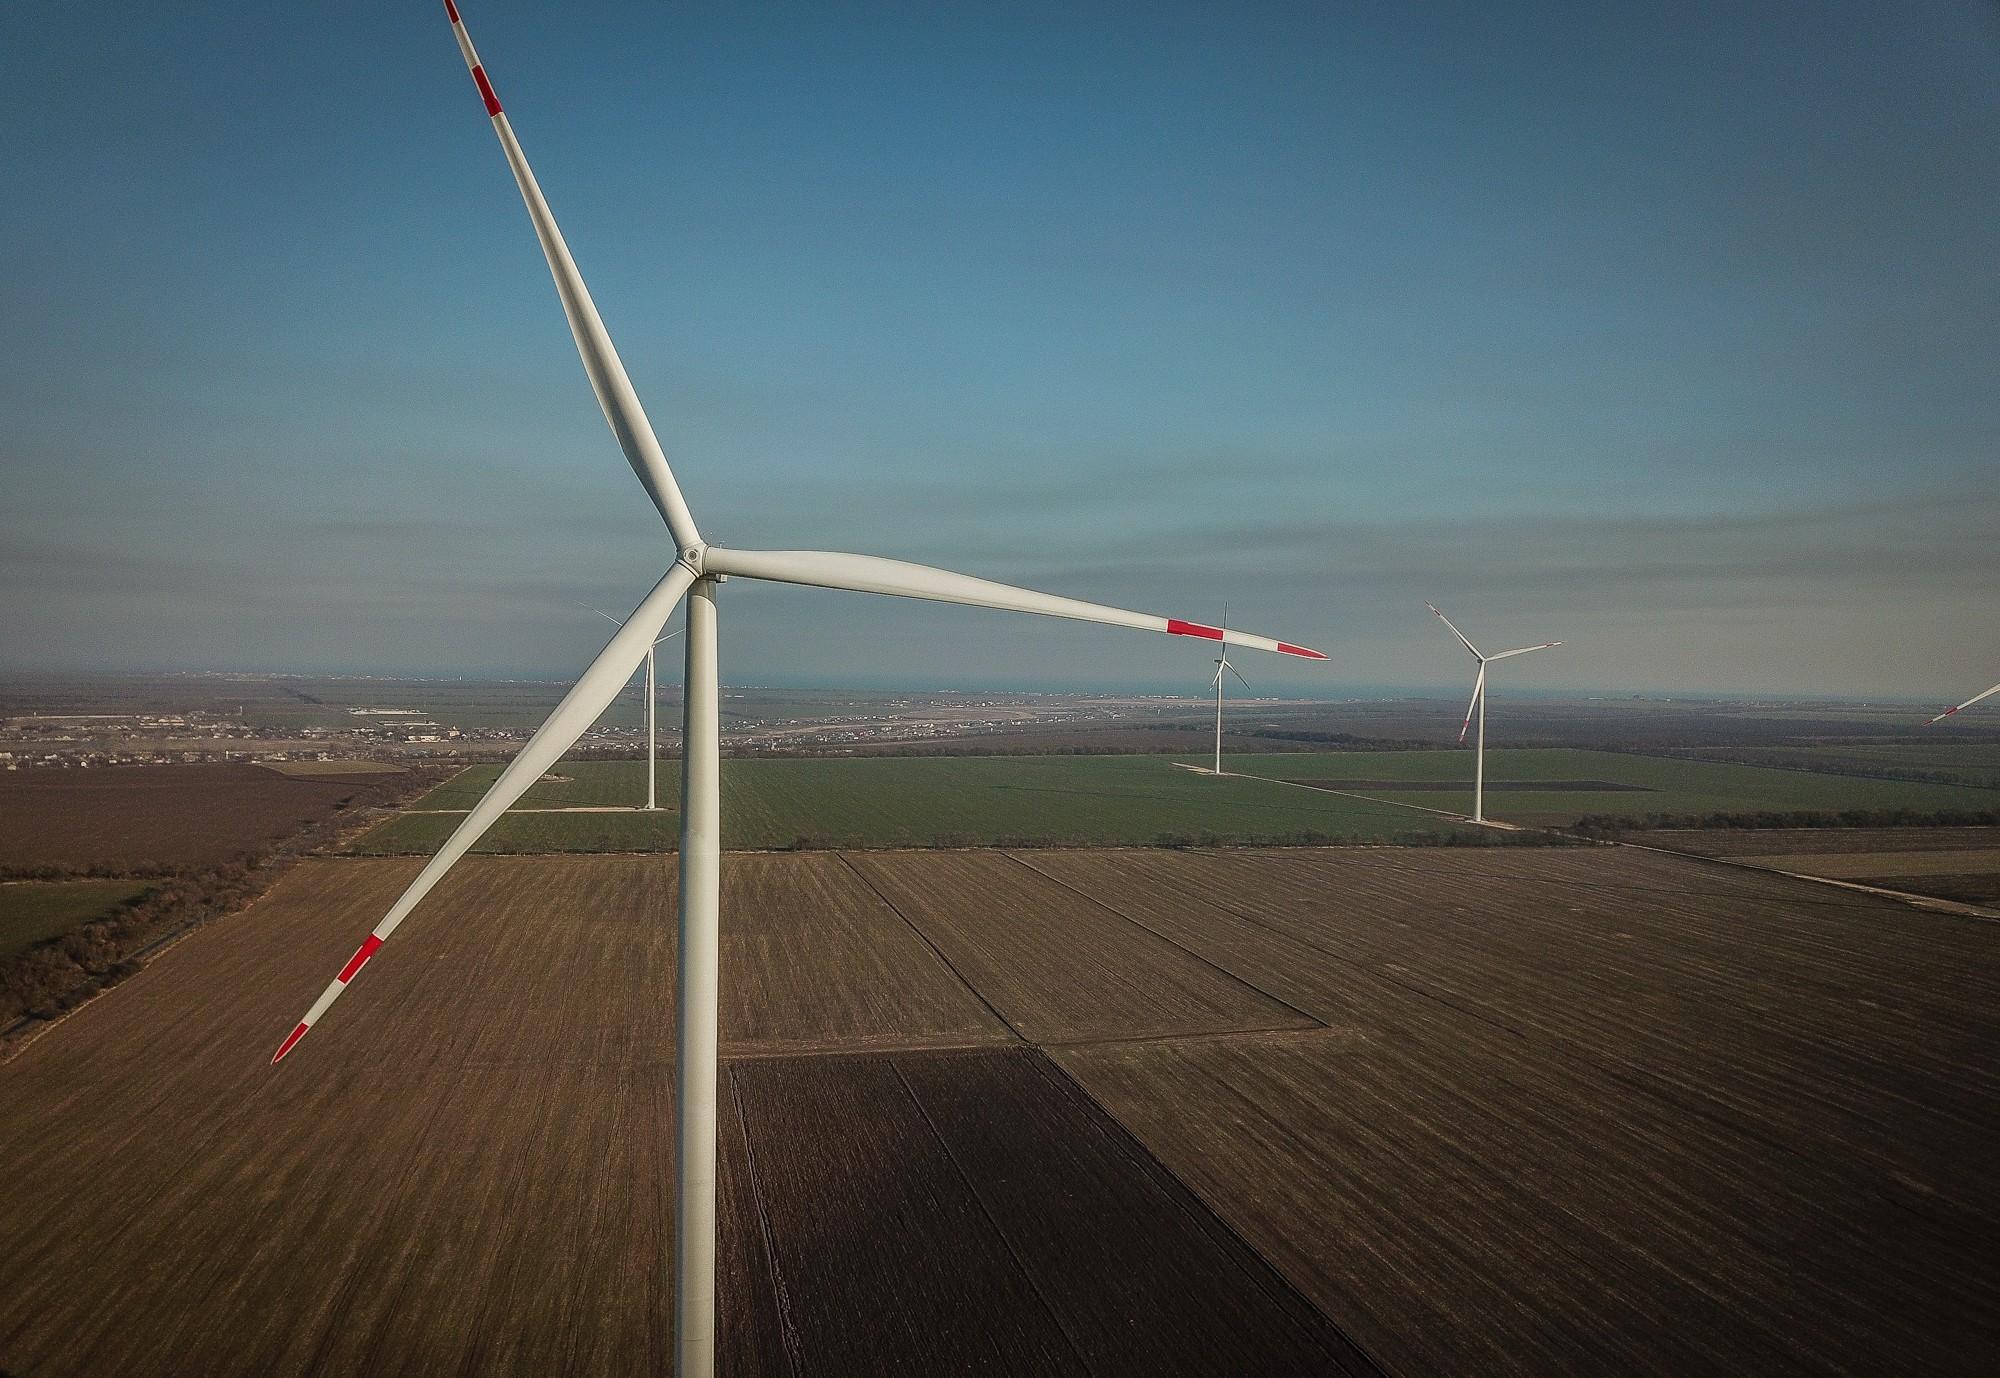 На Херсонщине продолжается строительство одной из самых мощных в стране ветроэлектростанций - ВИДЕО